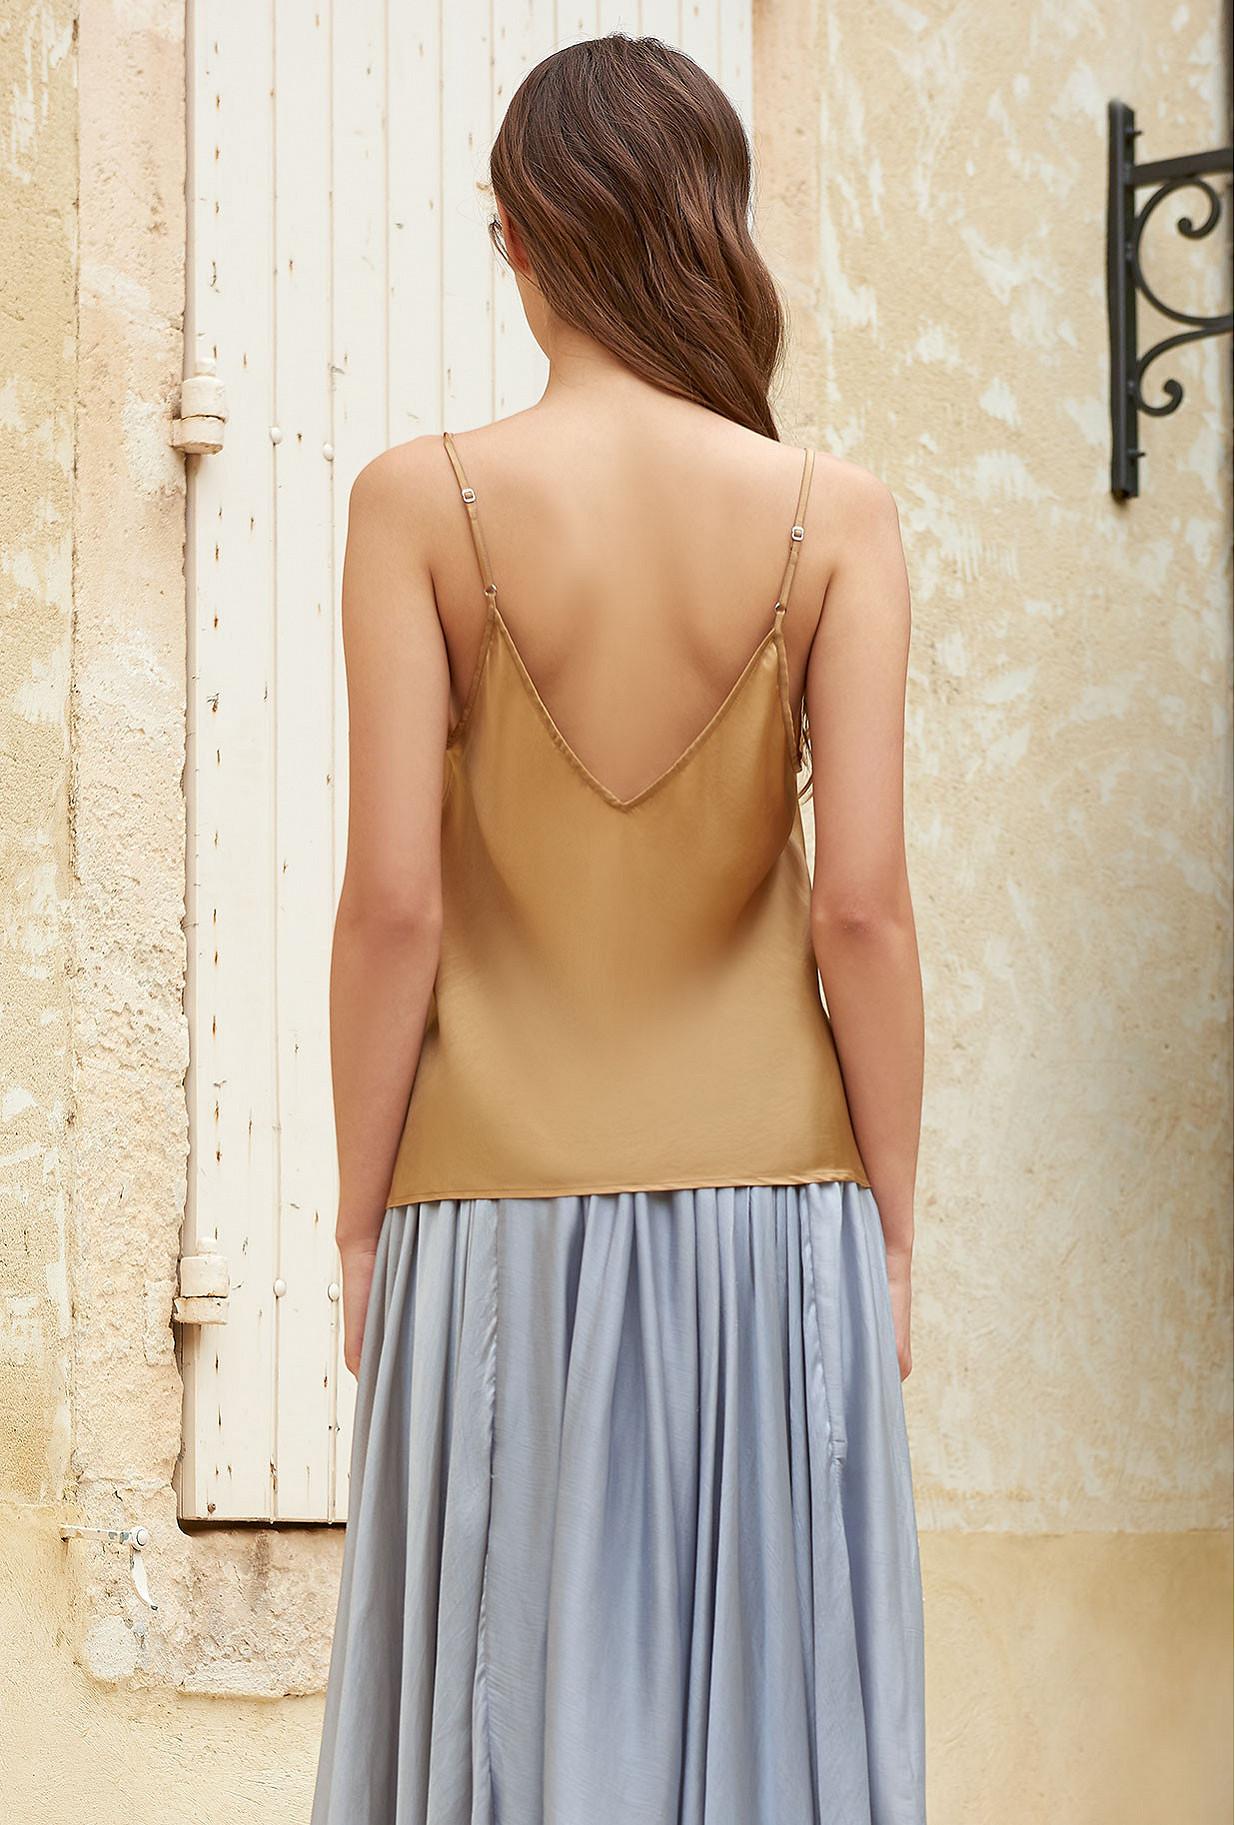 Gold  Top  Lan Mes demoiselles fashion clothes designer Paris